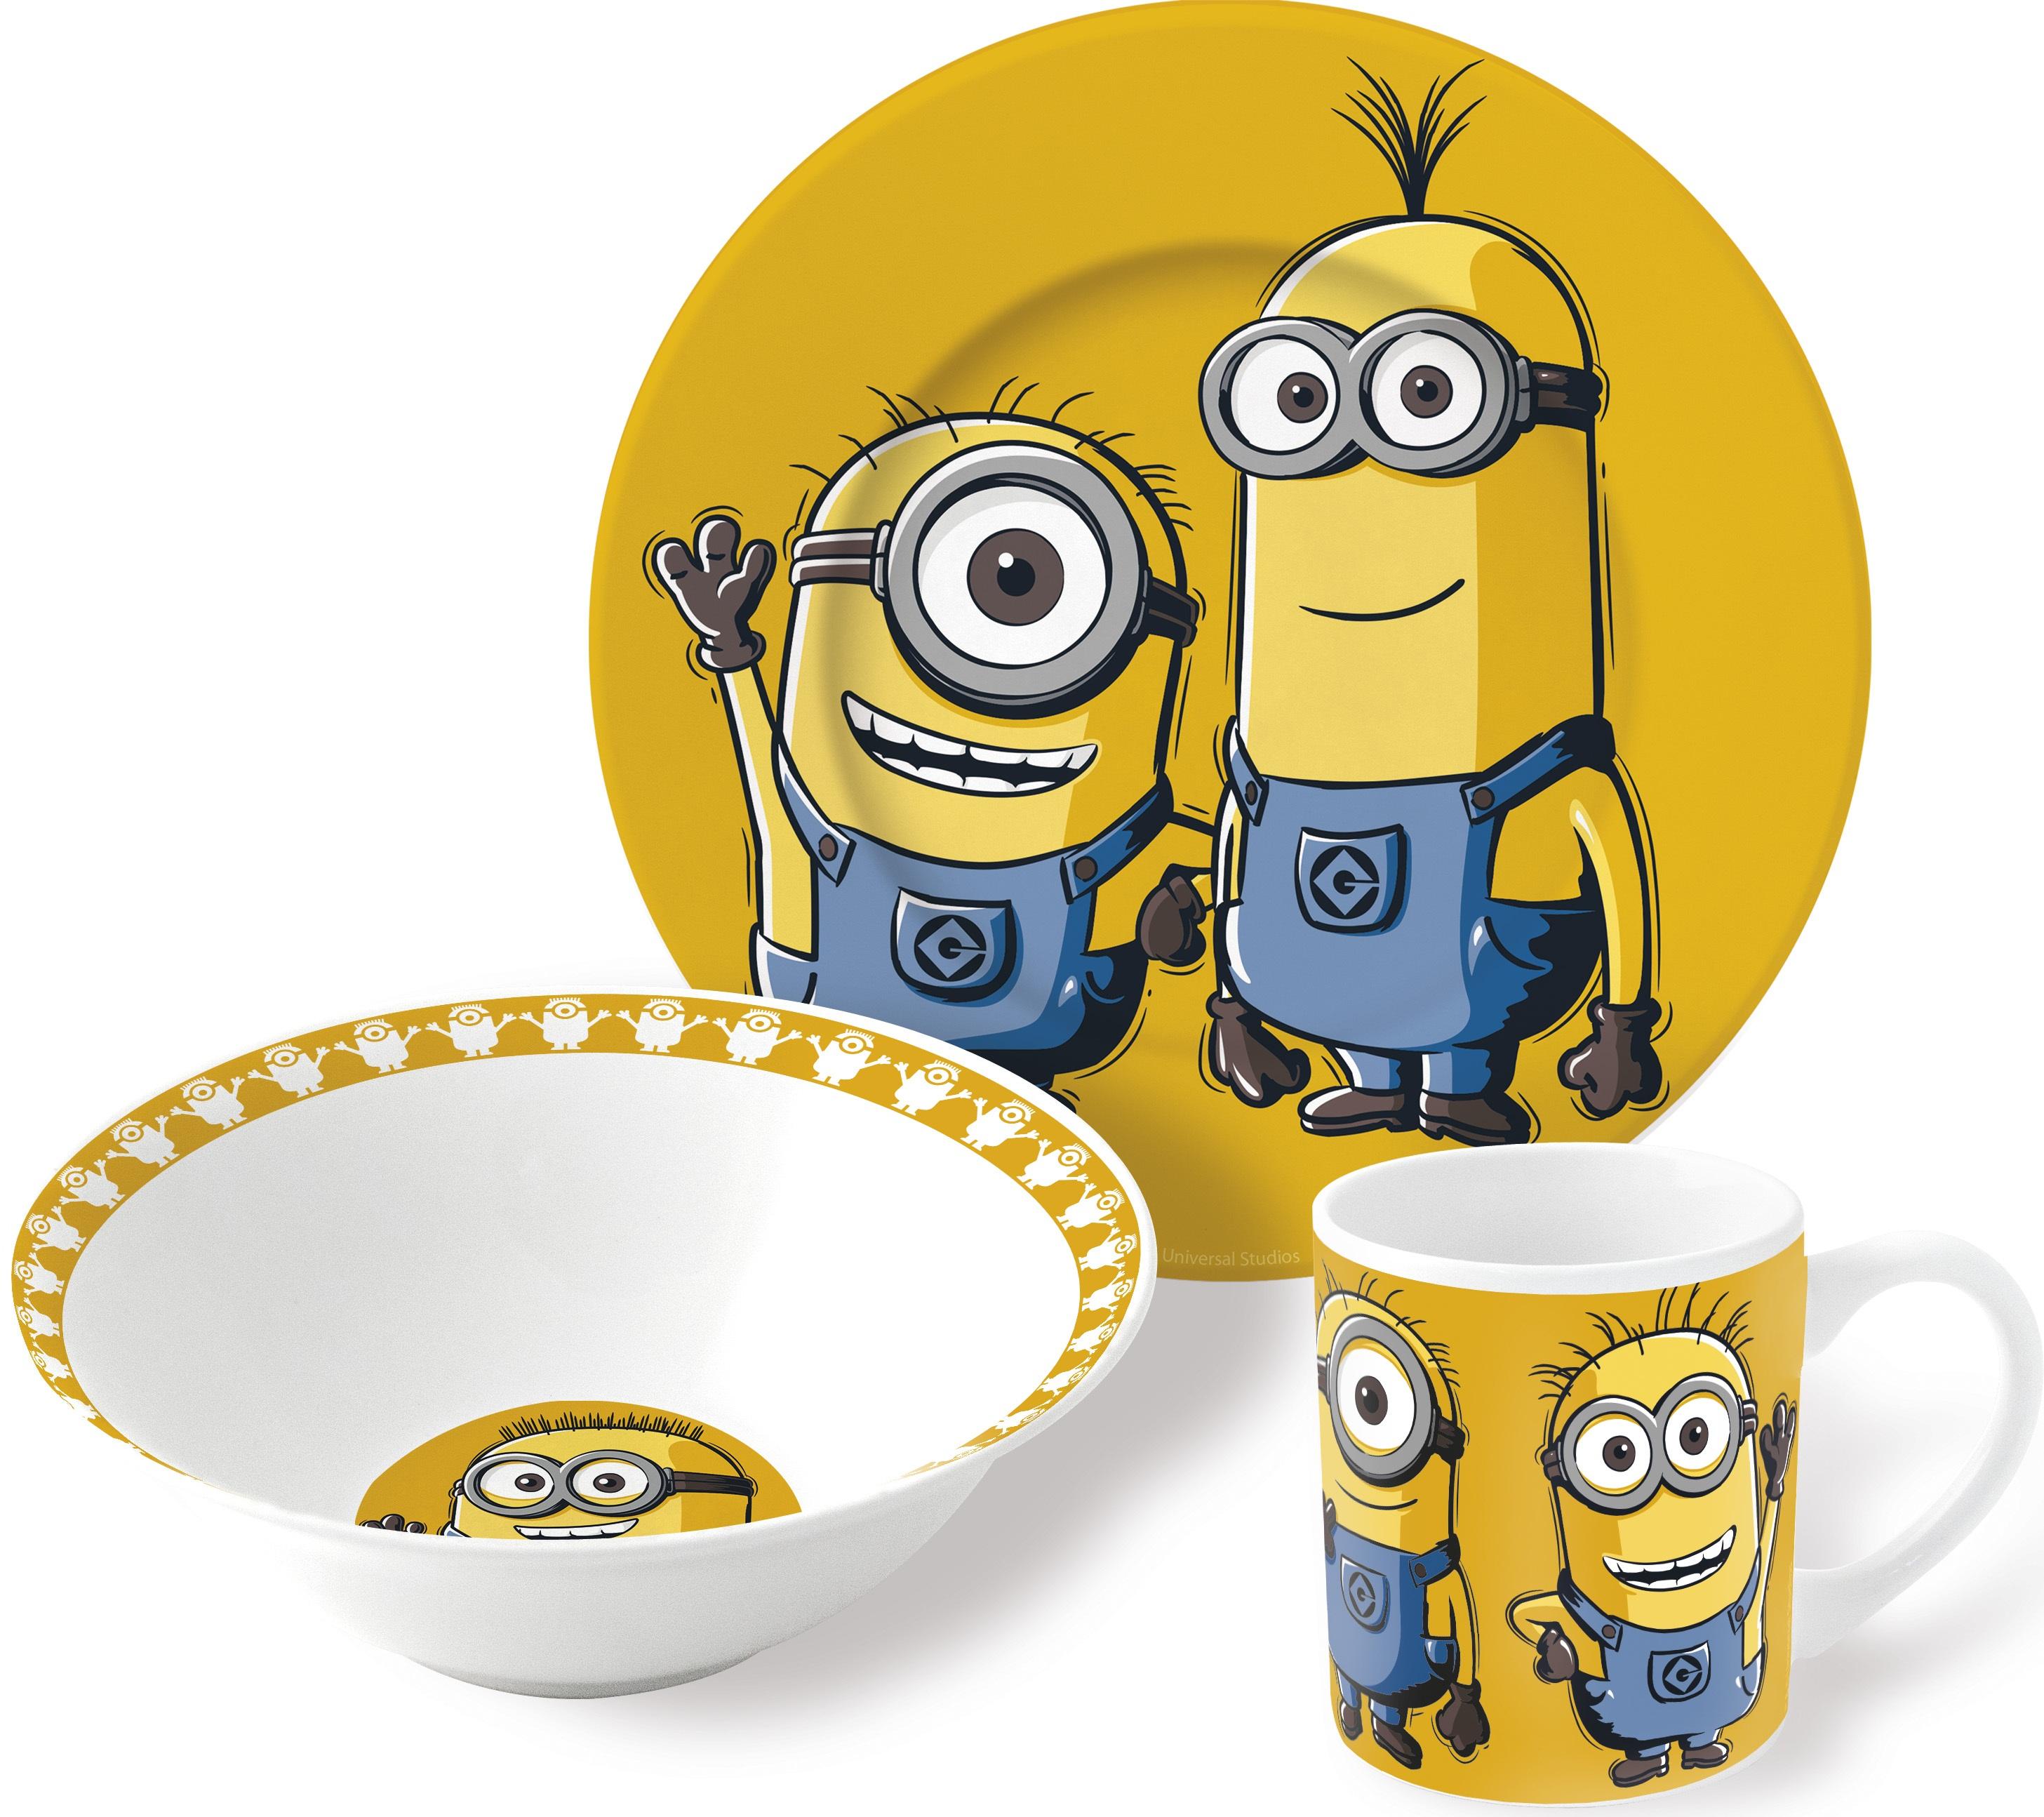 Набор посуды МиньоныНабор посуды Миньоны создан по мотивам популярного анимационного фильма «Миньоны», рассказывающего о приключениях маленьких забавных монстриков, целью жизни которых является служба самому грозному злодею.<br>